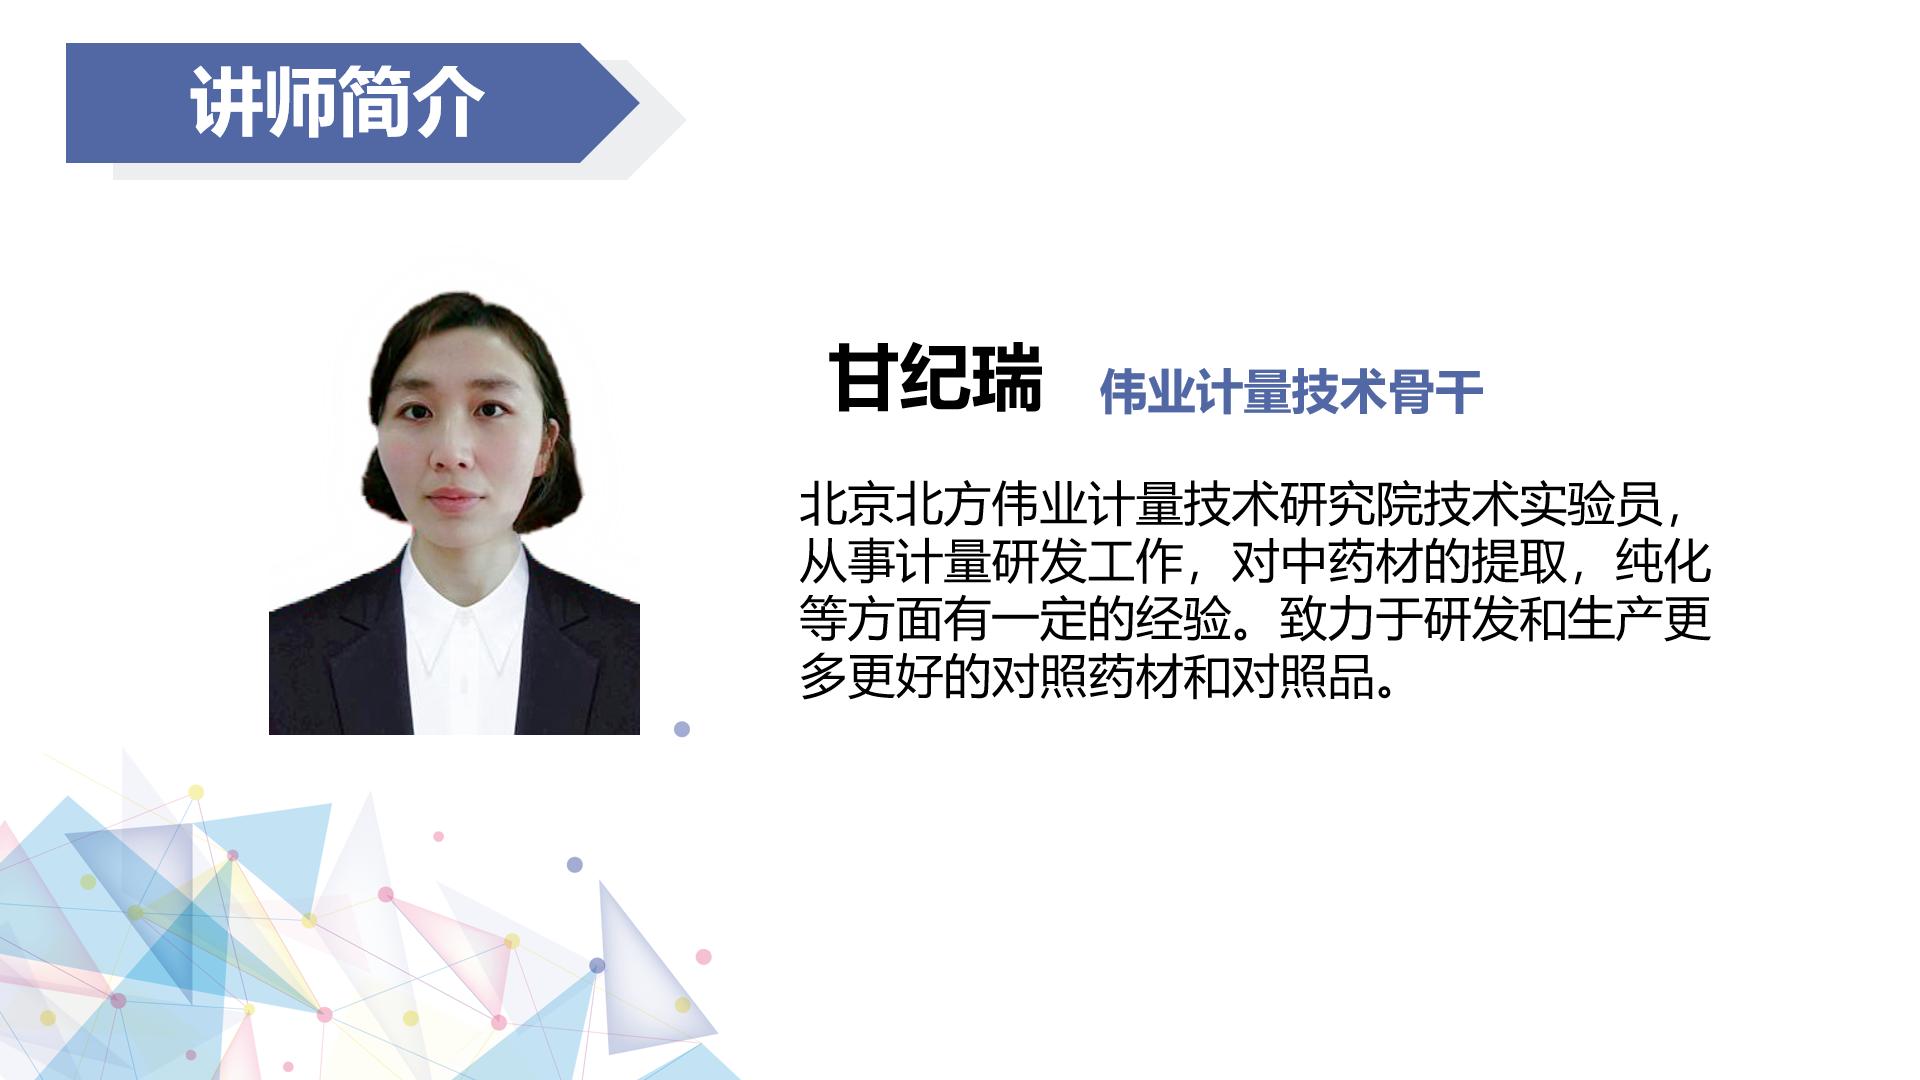 奥科集团-www.bzwz.com-国家标准物质网-甘纪瑞介绍